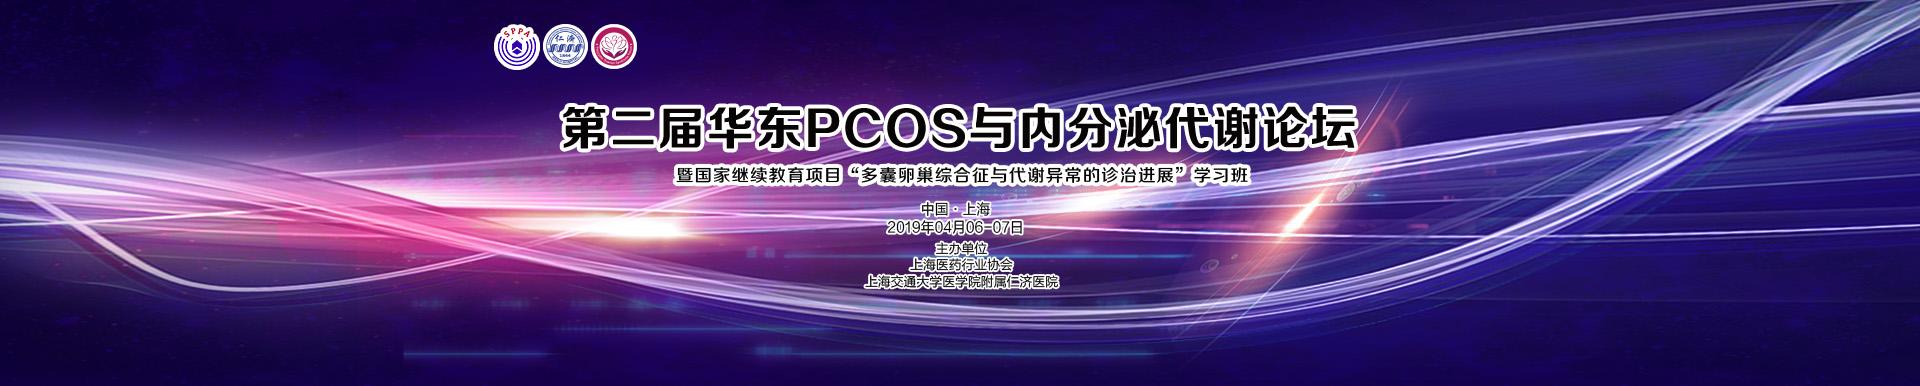 第二届华东PCOS与内分泌代谢论坛暨国家继续教育项目